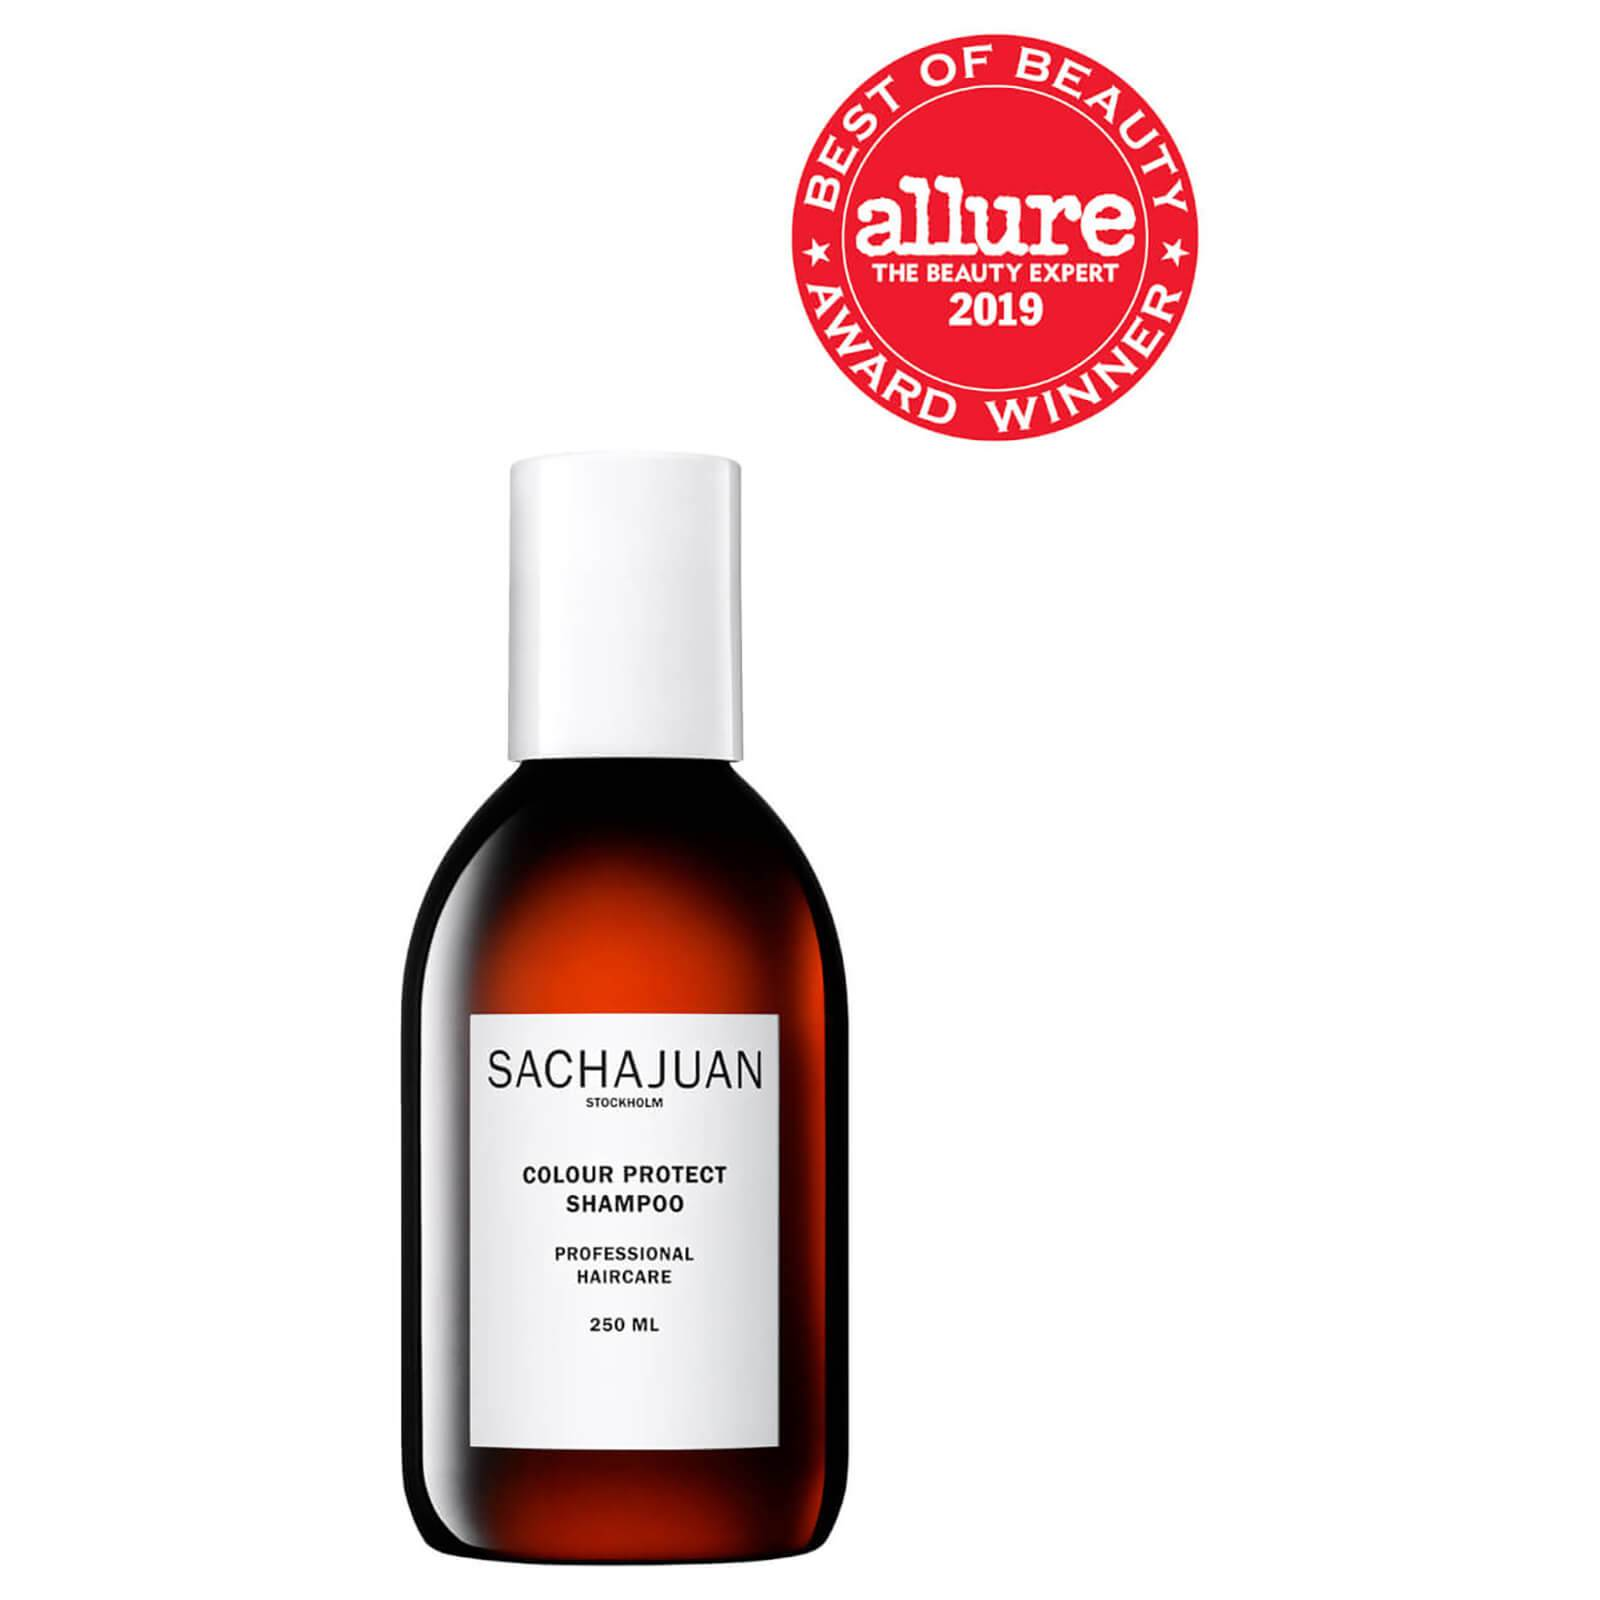 Sachajuan Shampooing protecteur pour cheveux colorés Sachajuan 250 ml